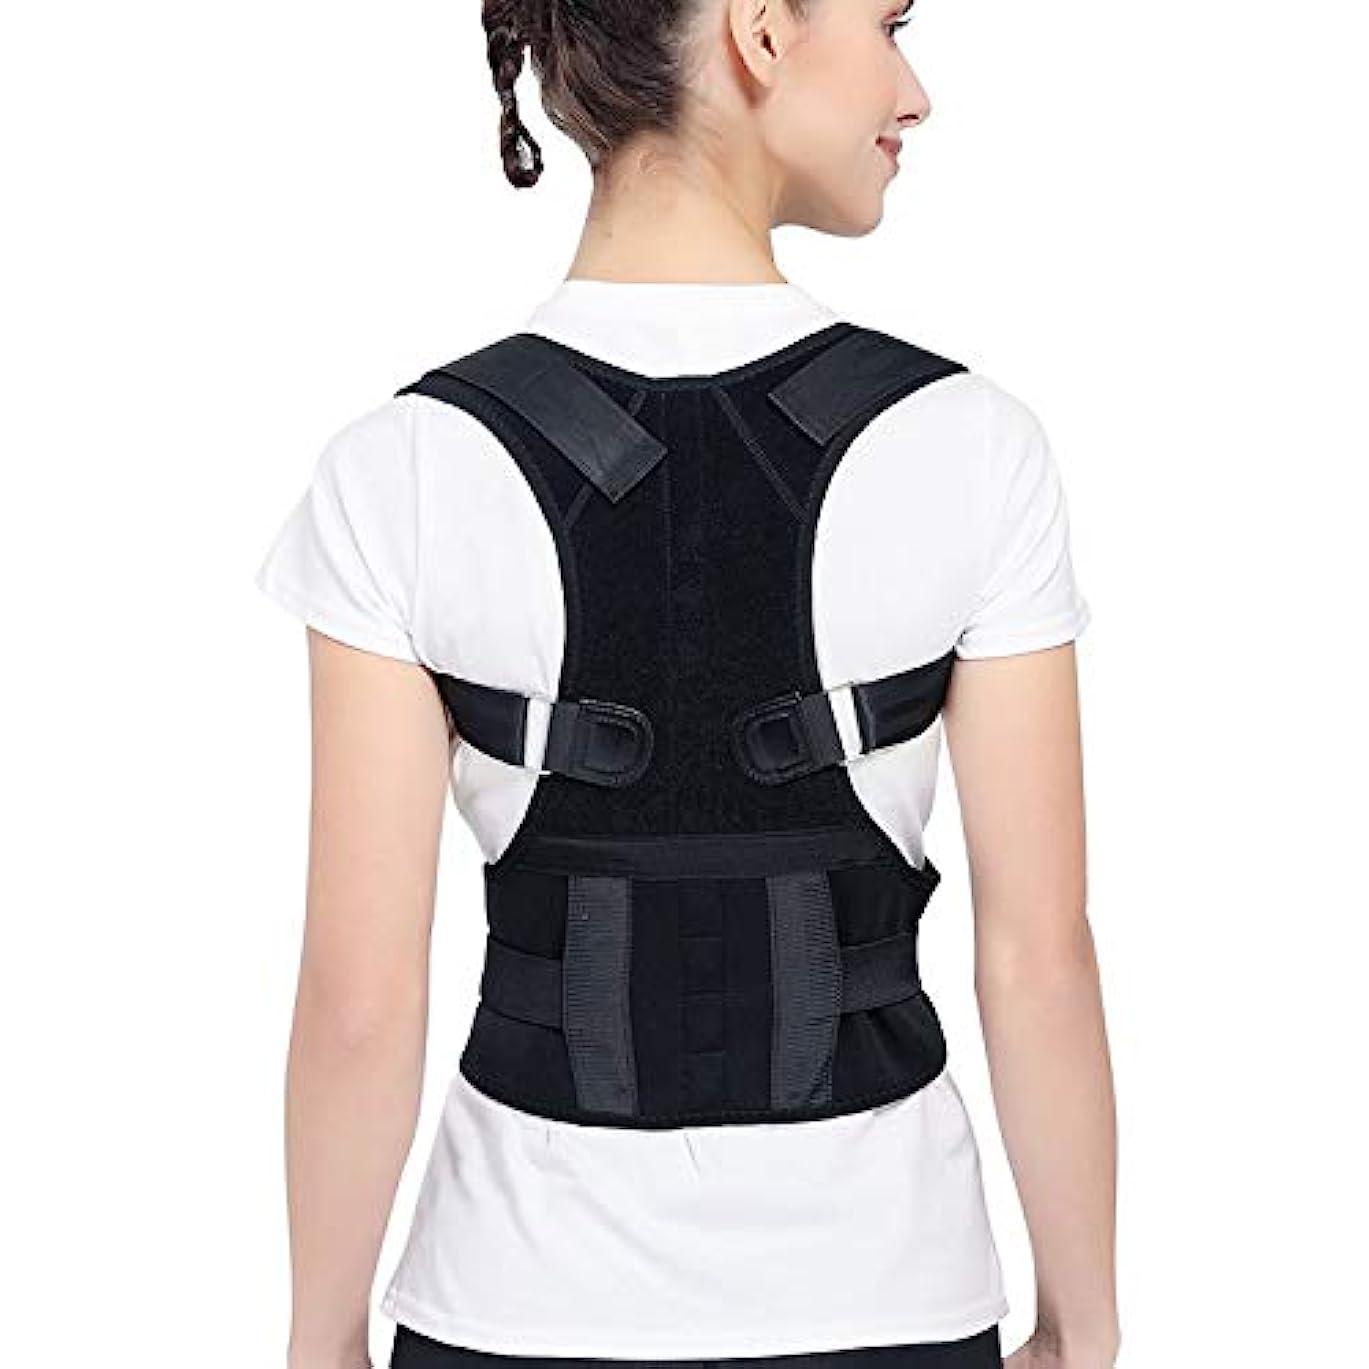 プロポーショナル不忠加害者aomashangmao 男性と女性の首の肩の痛みをサポートする肩と背中のトレーナー補正ベルト